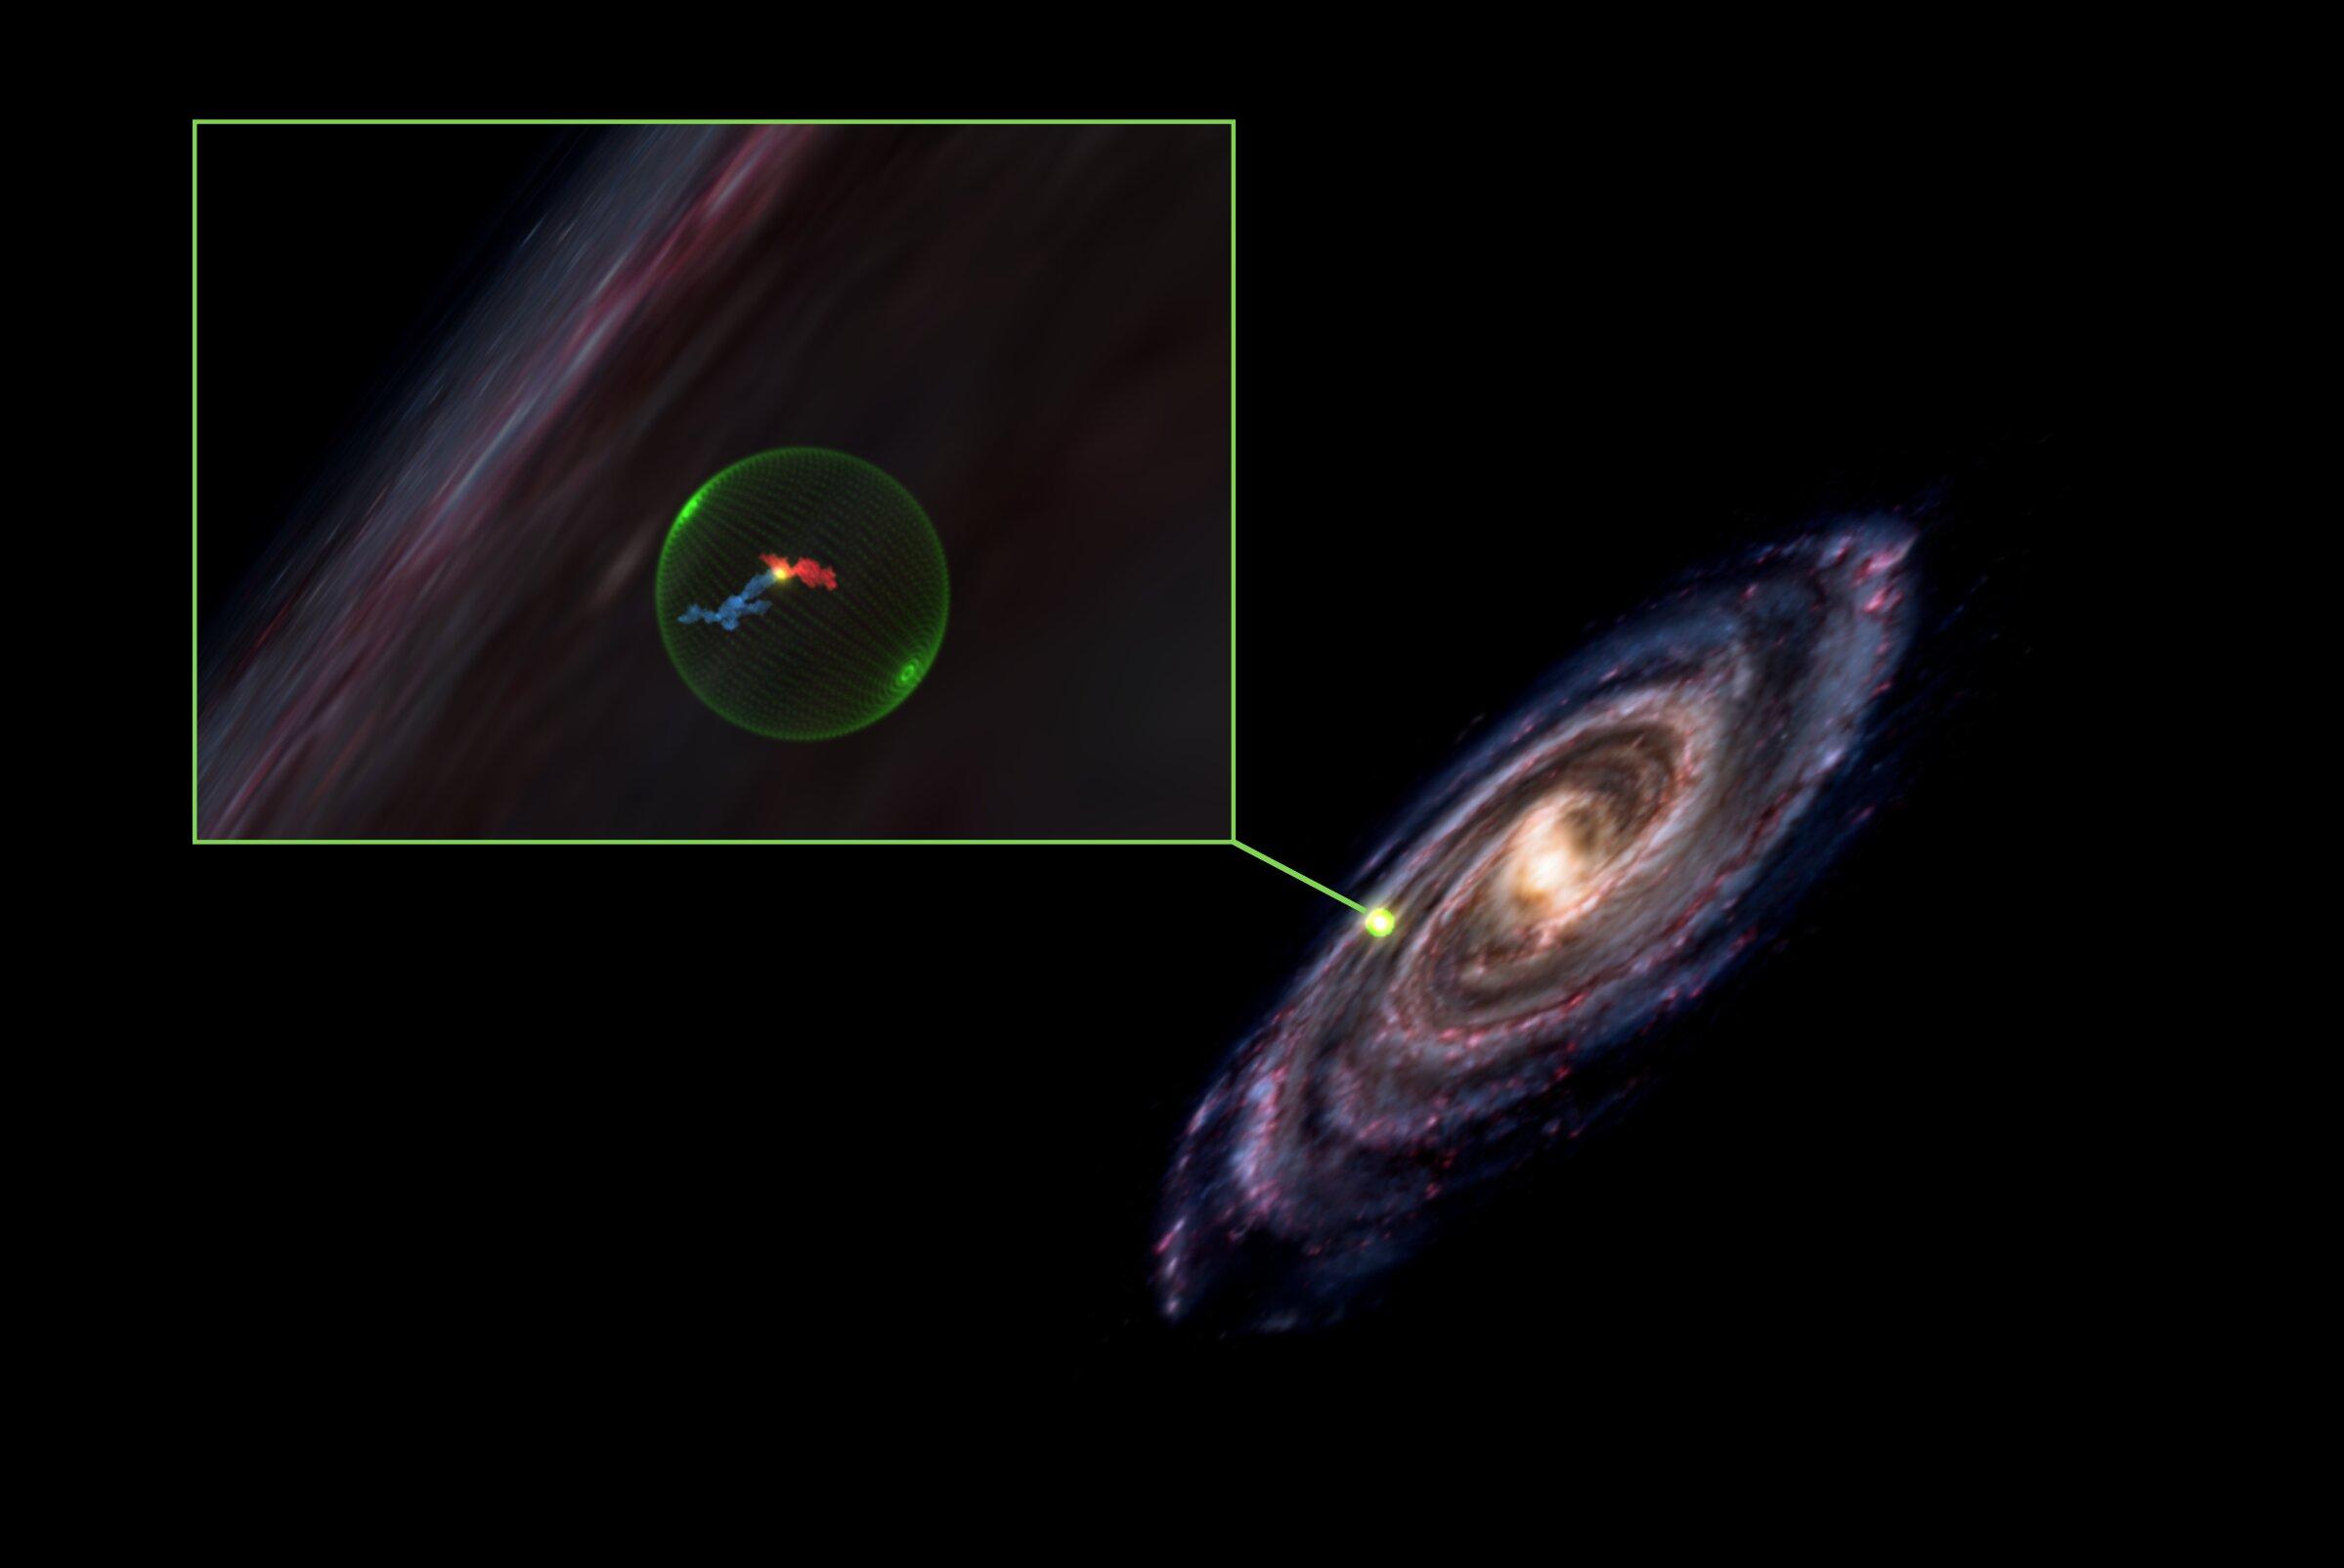 Гигантская полость в космосе проливает новый свет на формирование звезд